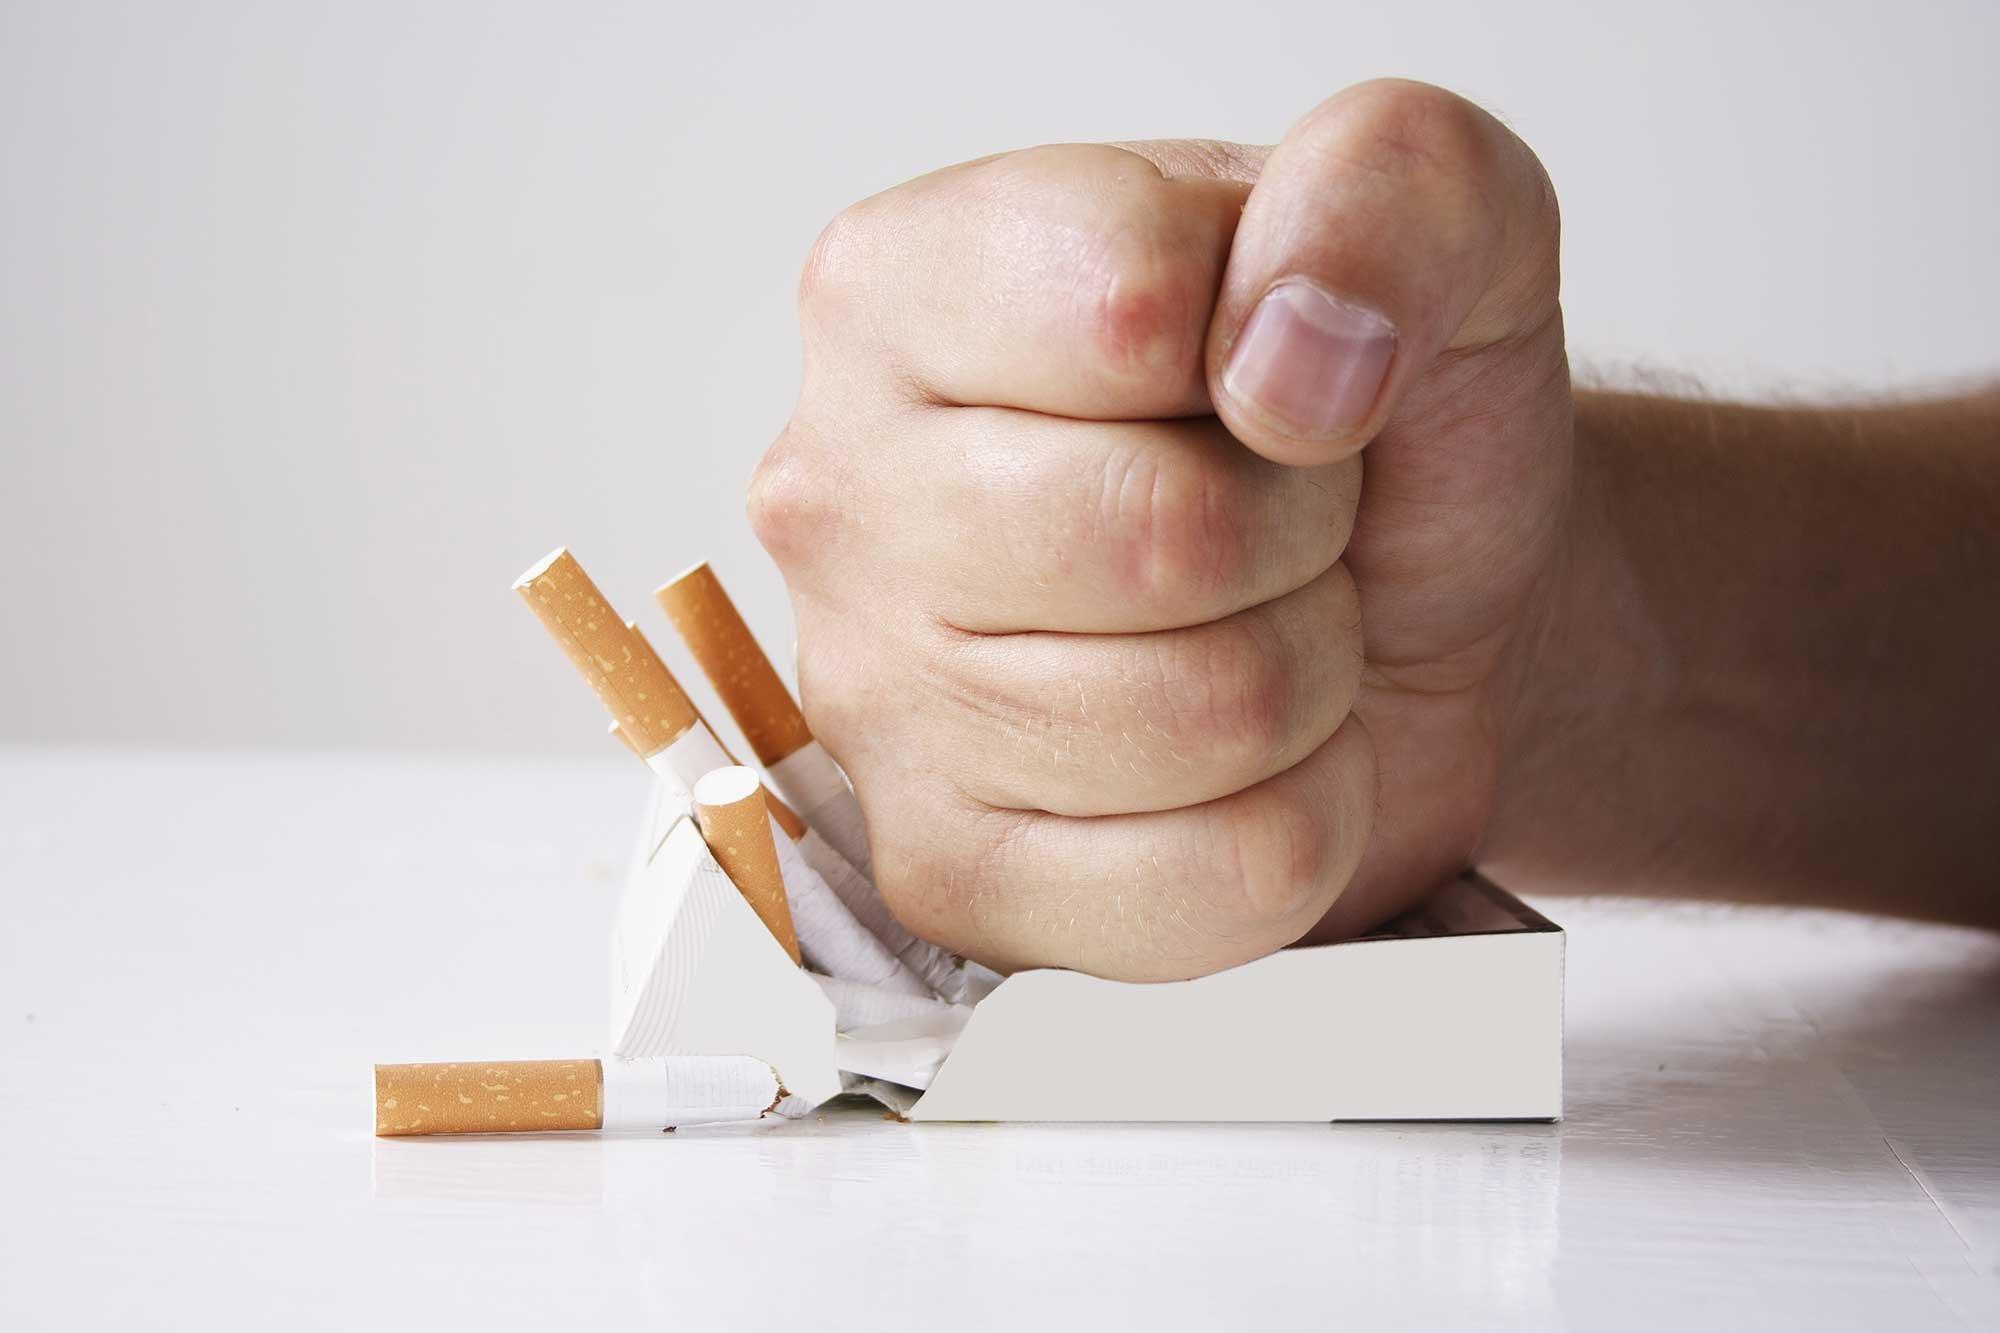 Картинки бросить курить